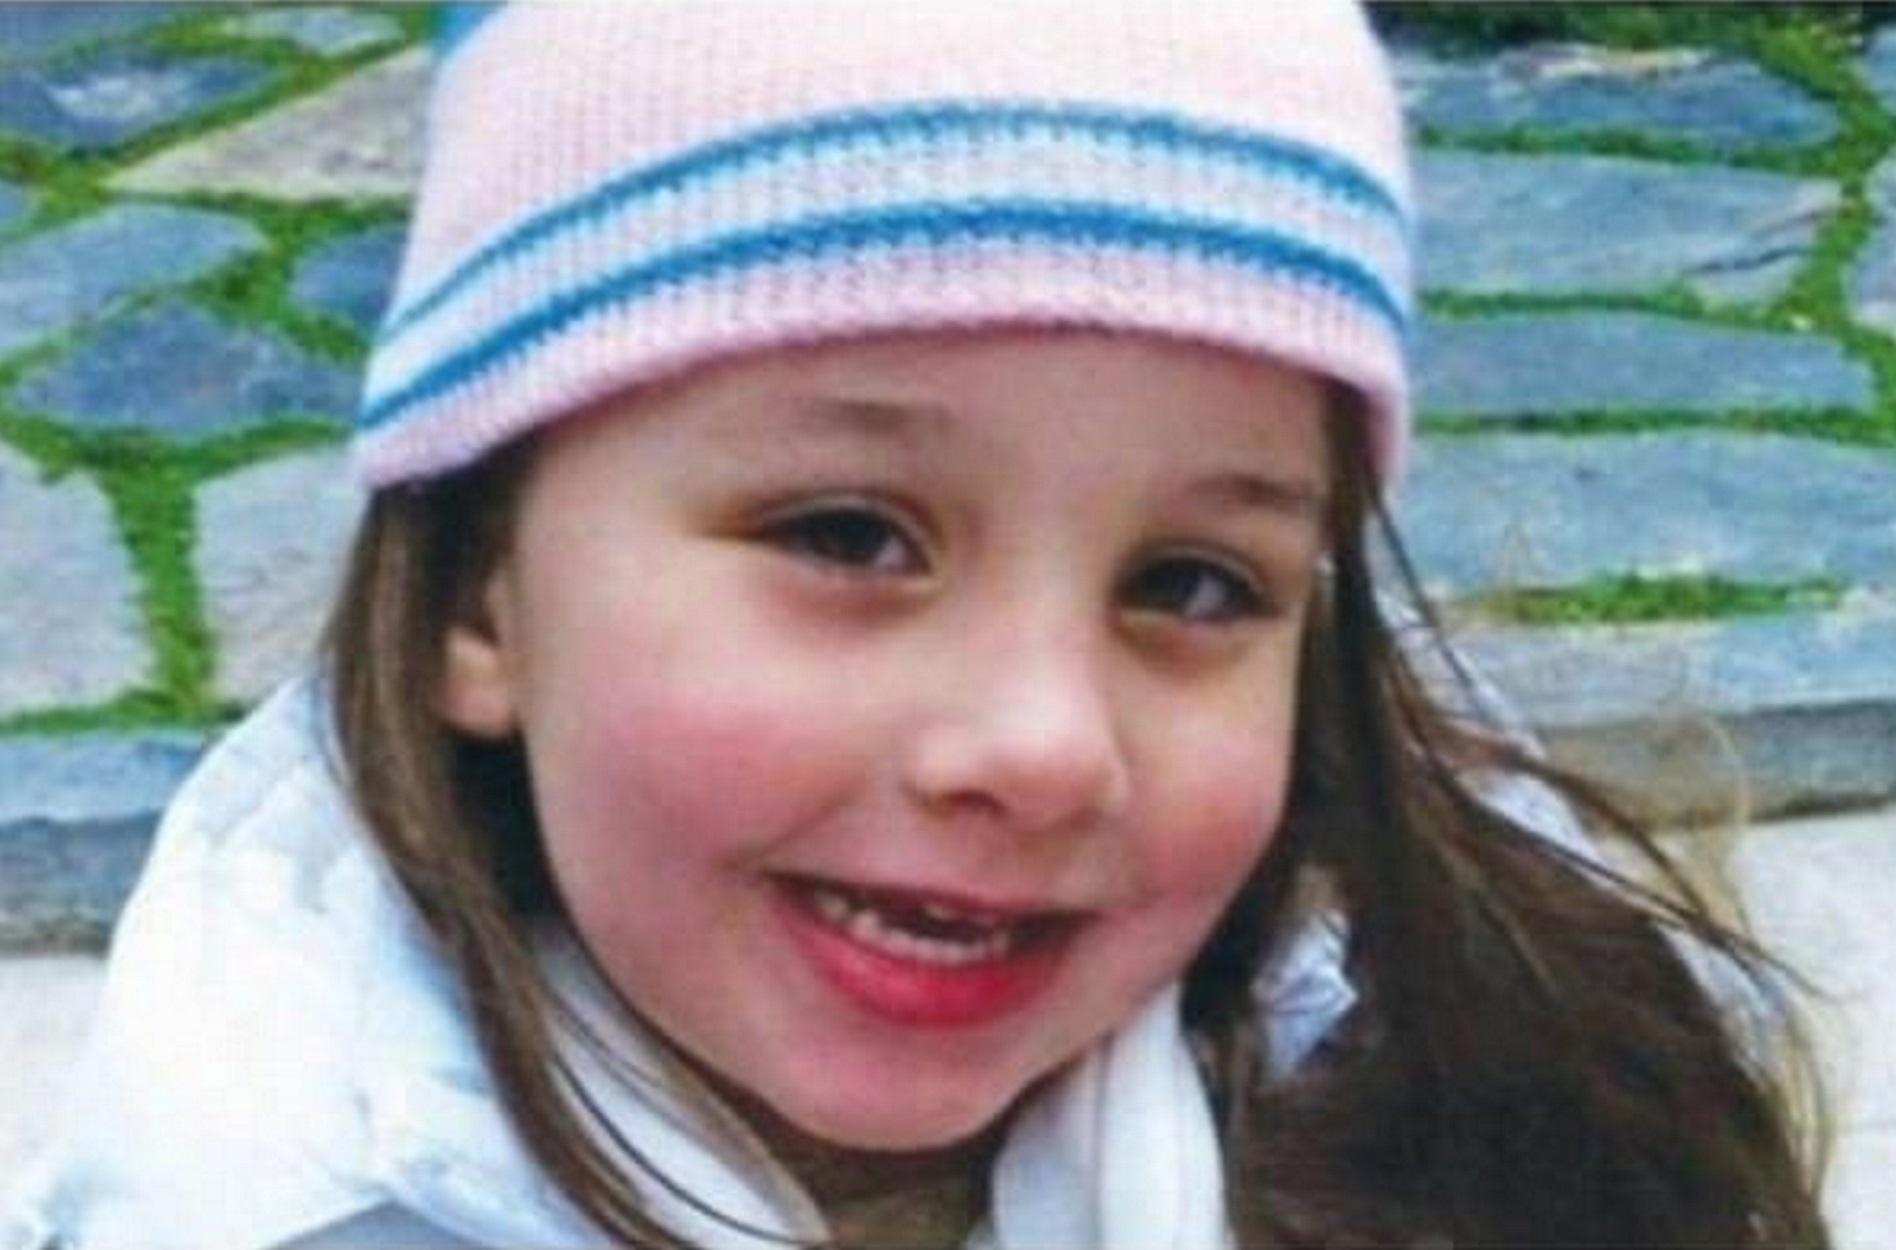 Κρήτη: Η ώρα της απόφασης για τον θάνατο της μικρής Μελίνας – Αυλαία στην πολύκροτη δίκη